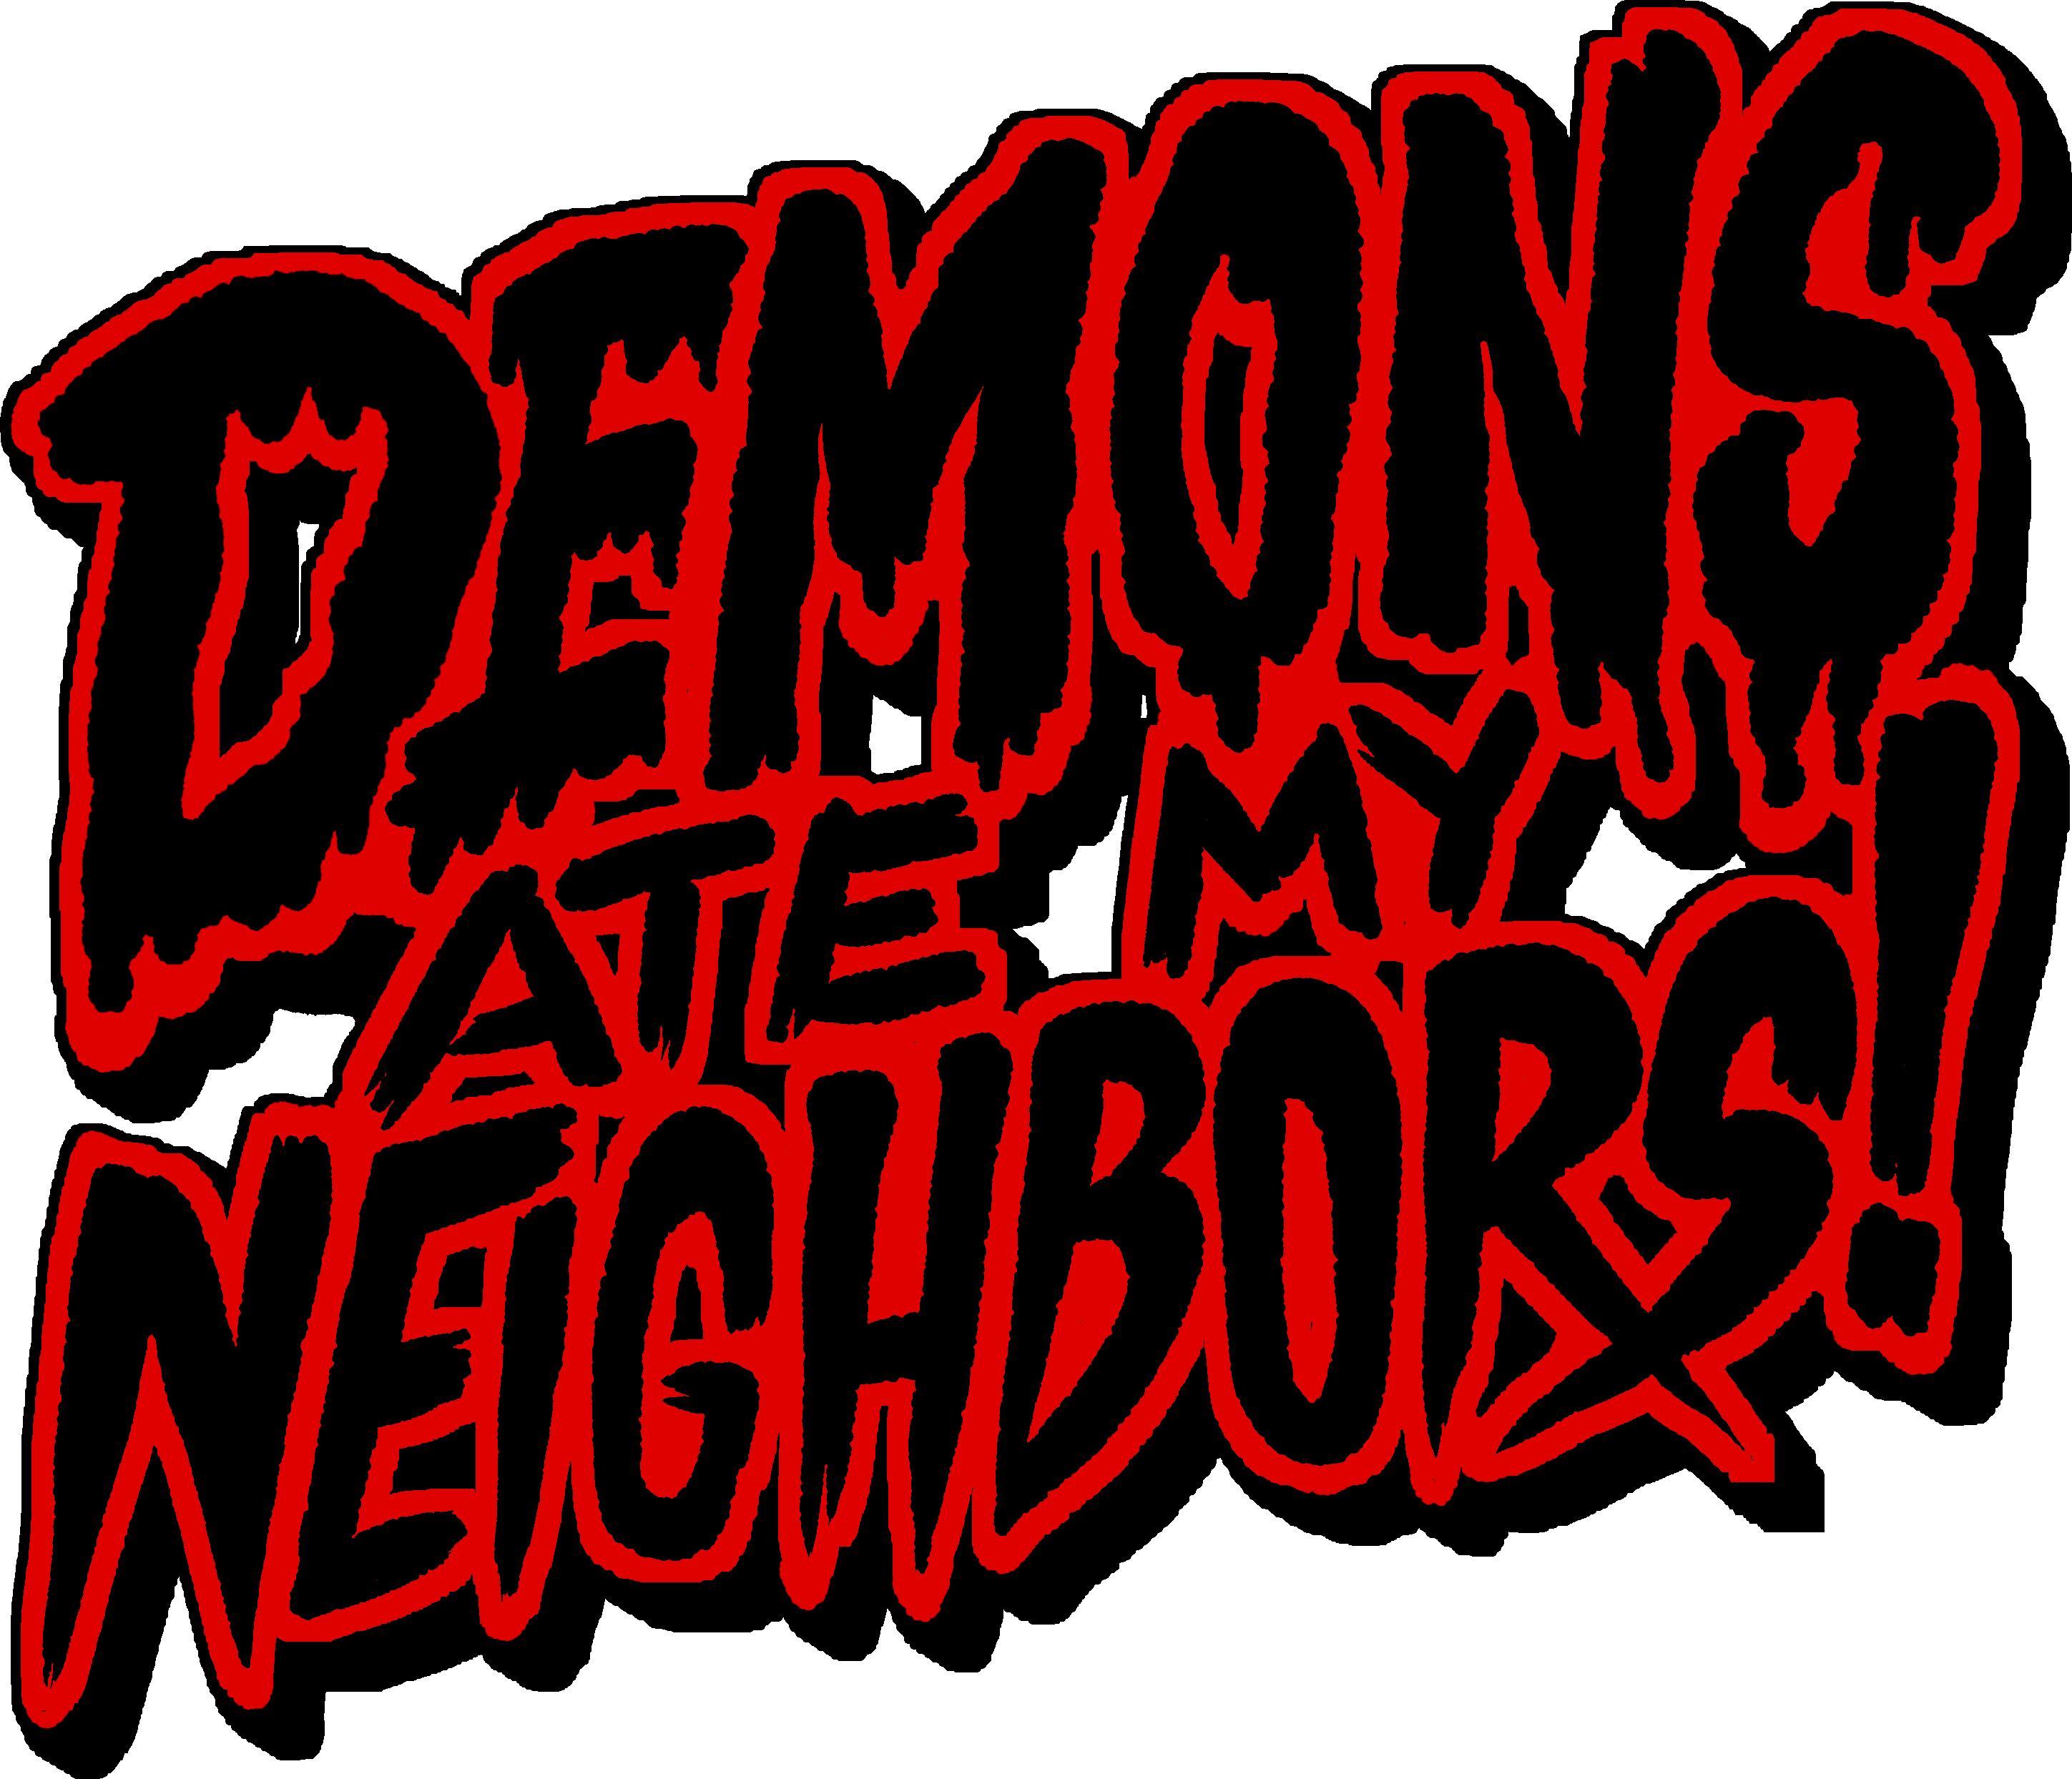 Demons-Ate-My-Neighbors_2020_08-12-20_011